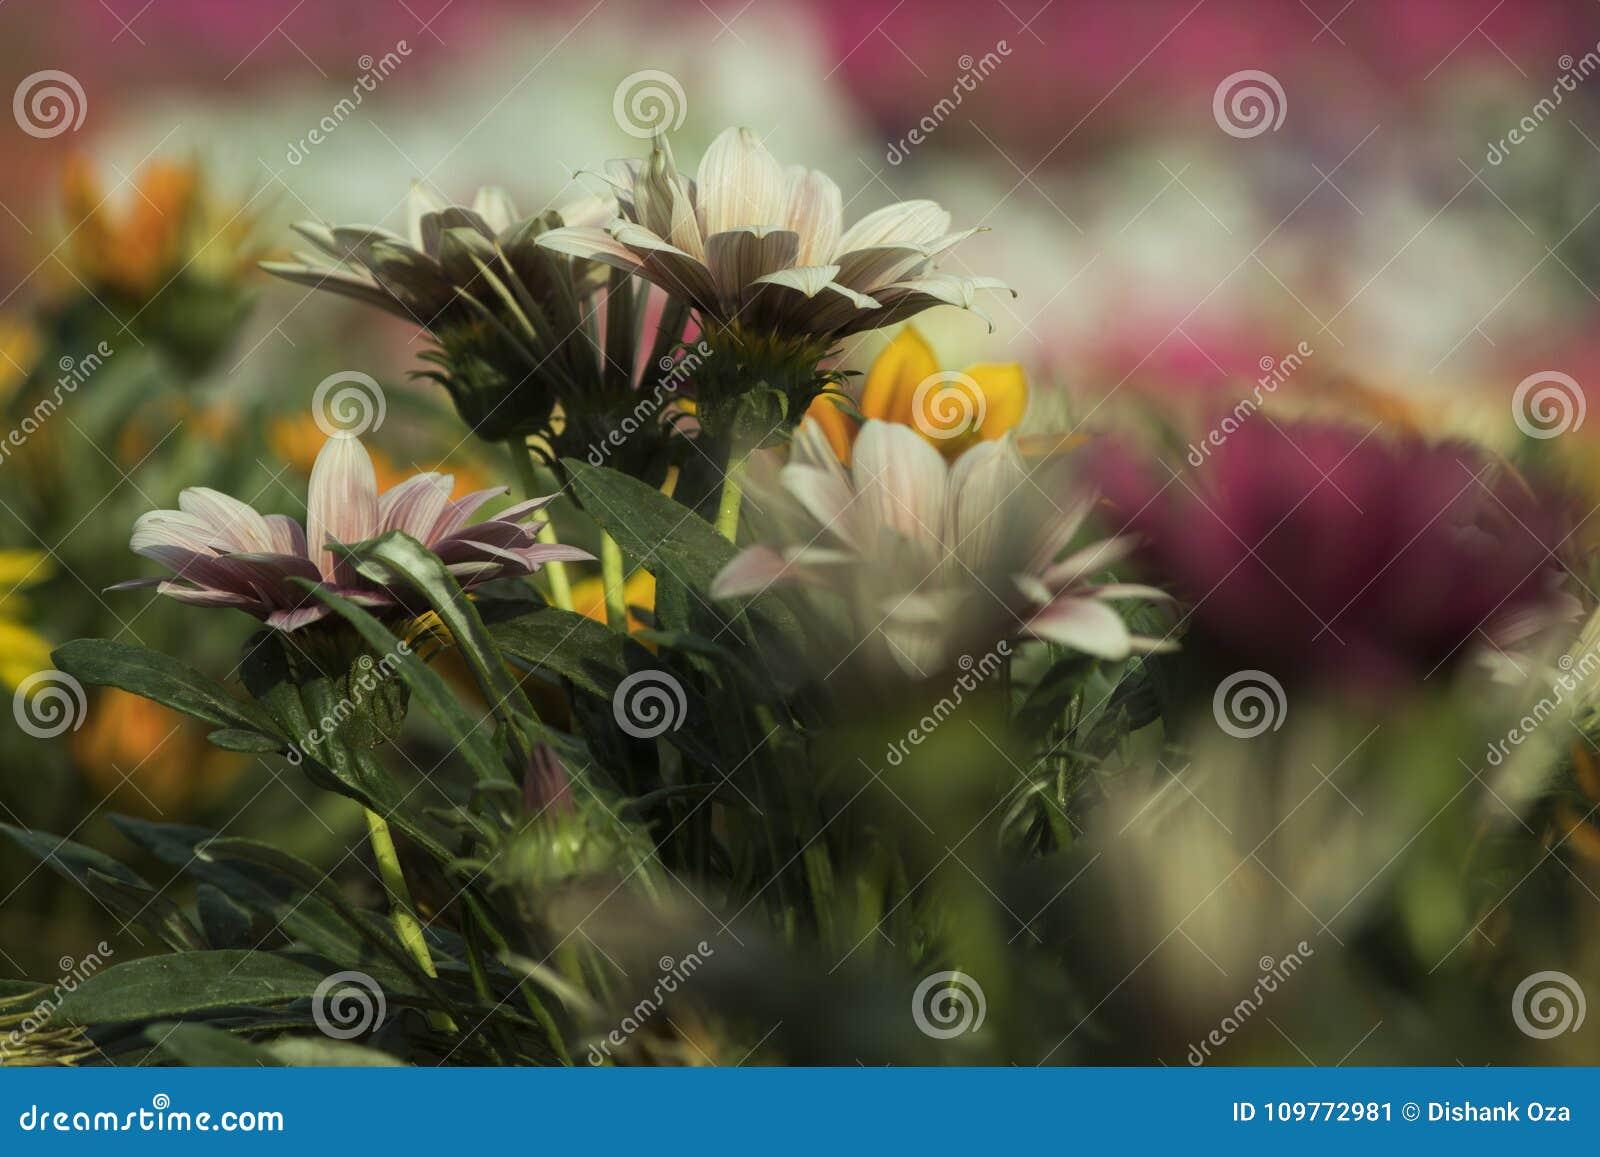 Όμορφο λουλούδι, πράσινο υπόβαθρο θαμπάδων φύλλων